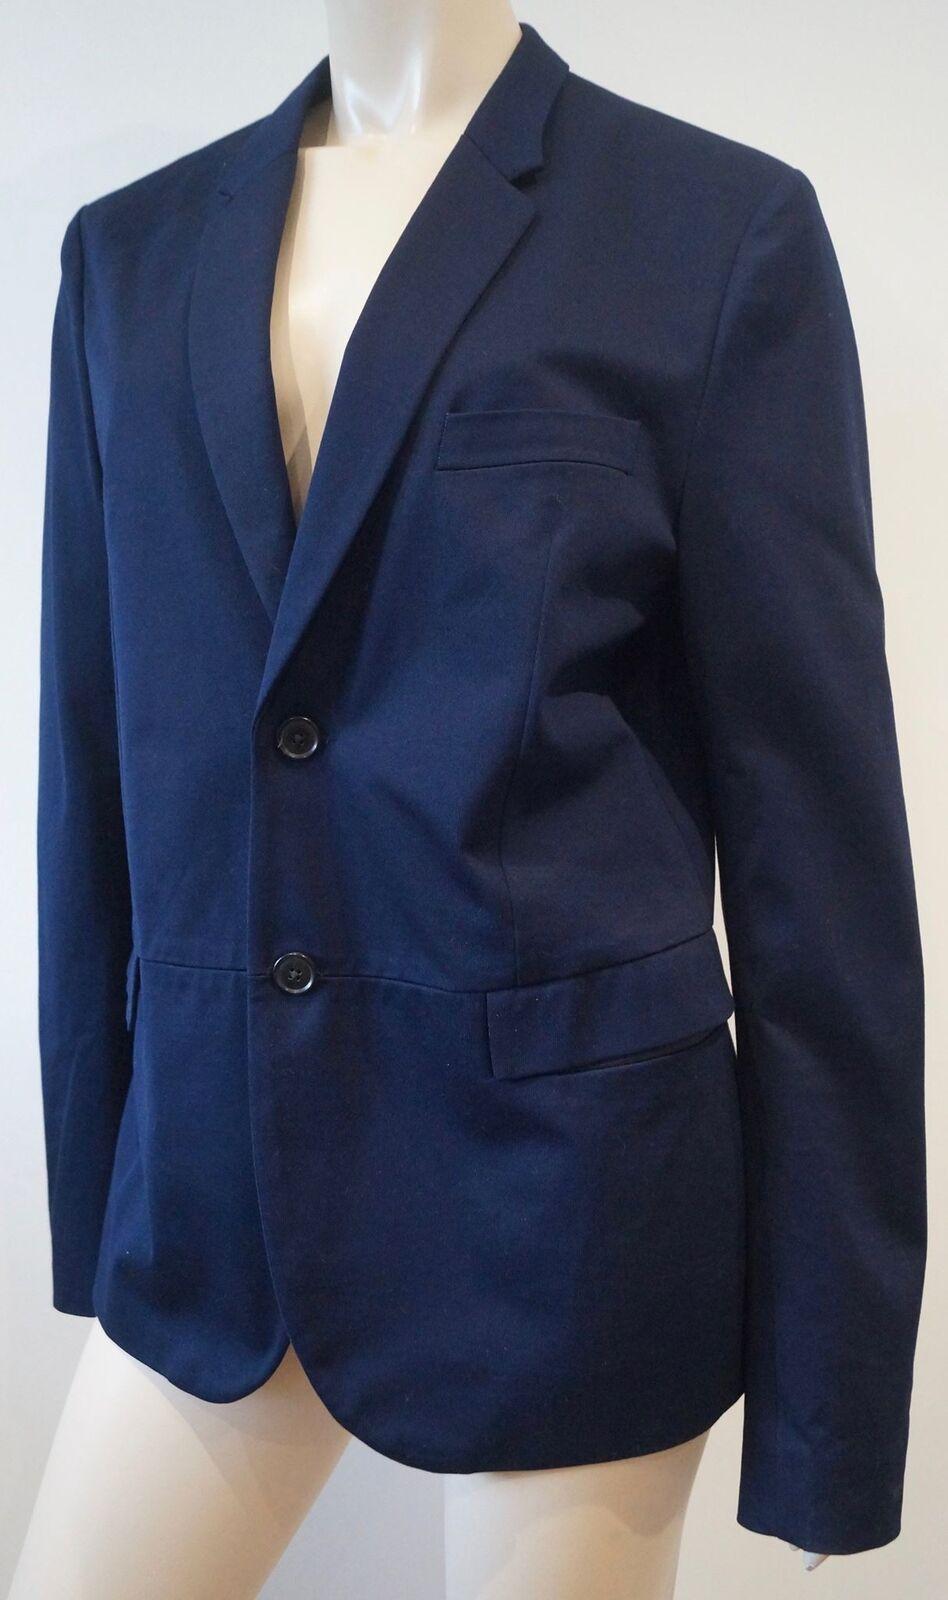 PAUL SMITH Menswear Navy Blau 100% Cotton Lightweight Summer Blazer Jacket L